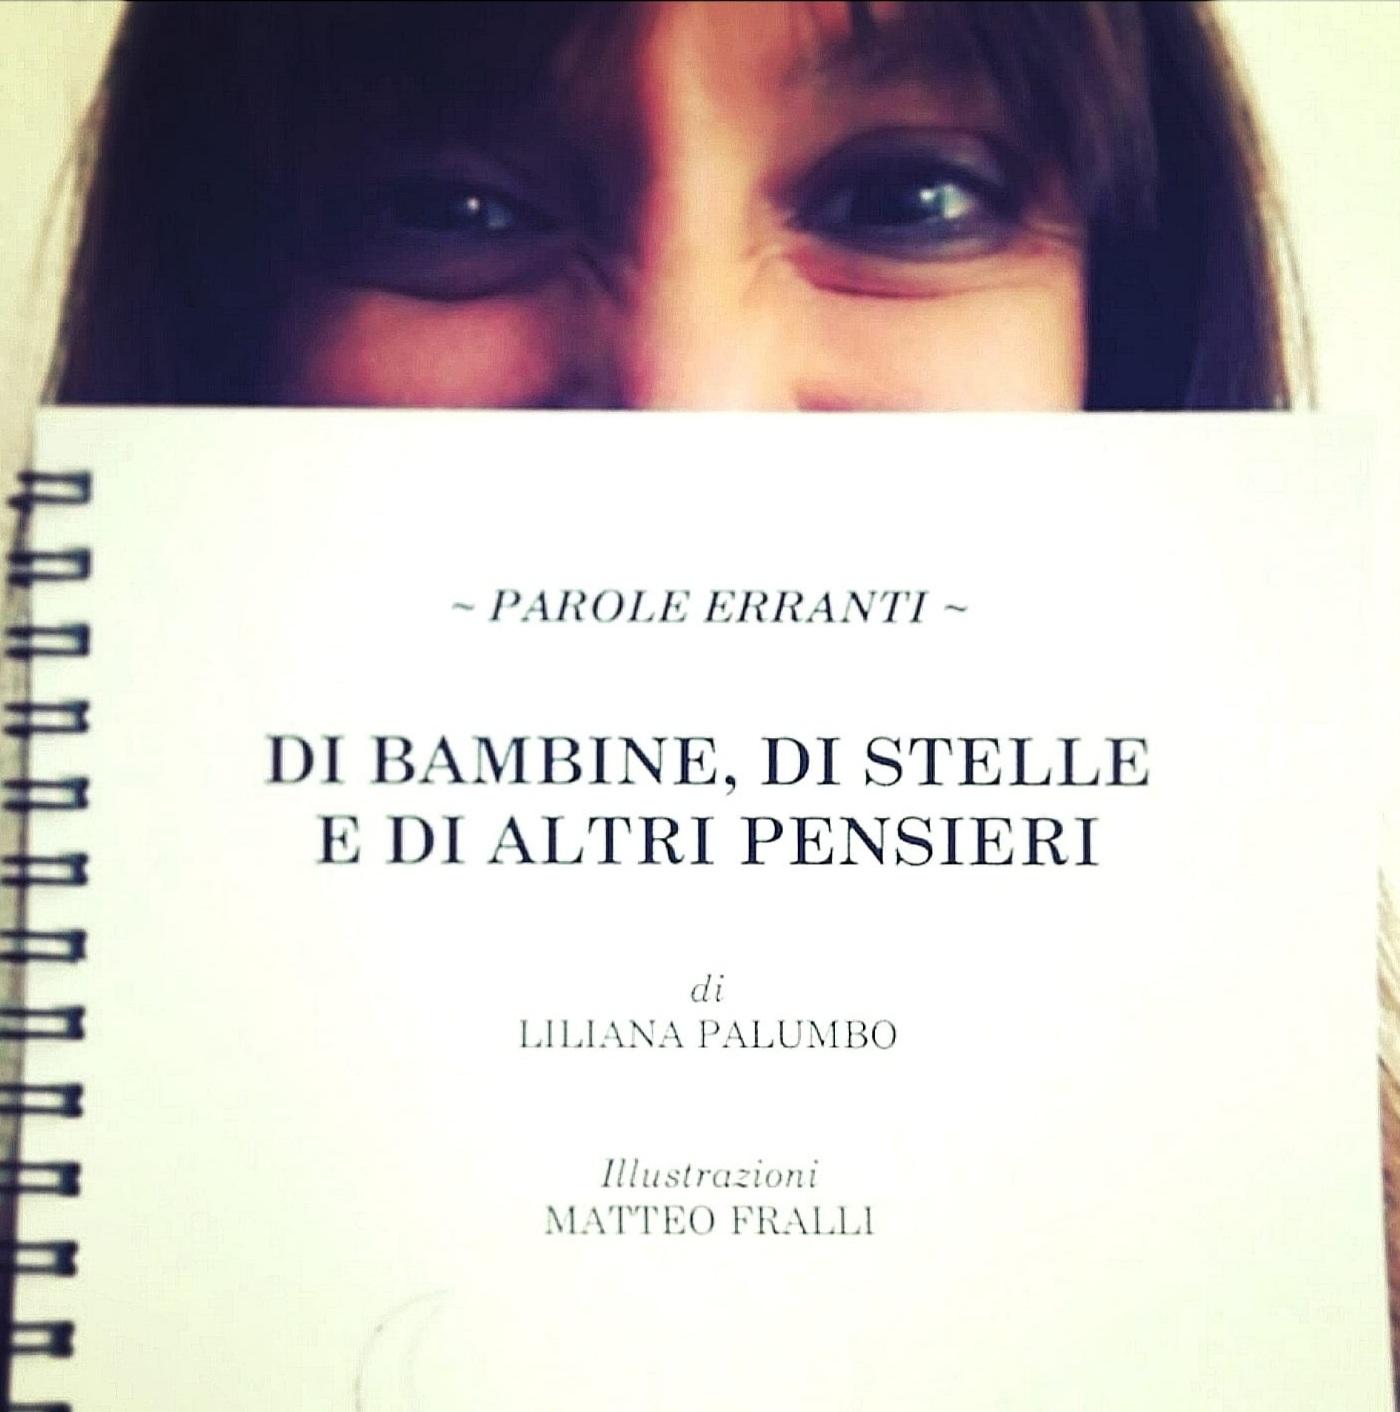 """Un libro di poesie nel nostro catalogo: Liliana Palumbo e """"Di bambine, di stelle e di altri pensieri"""""""